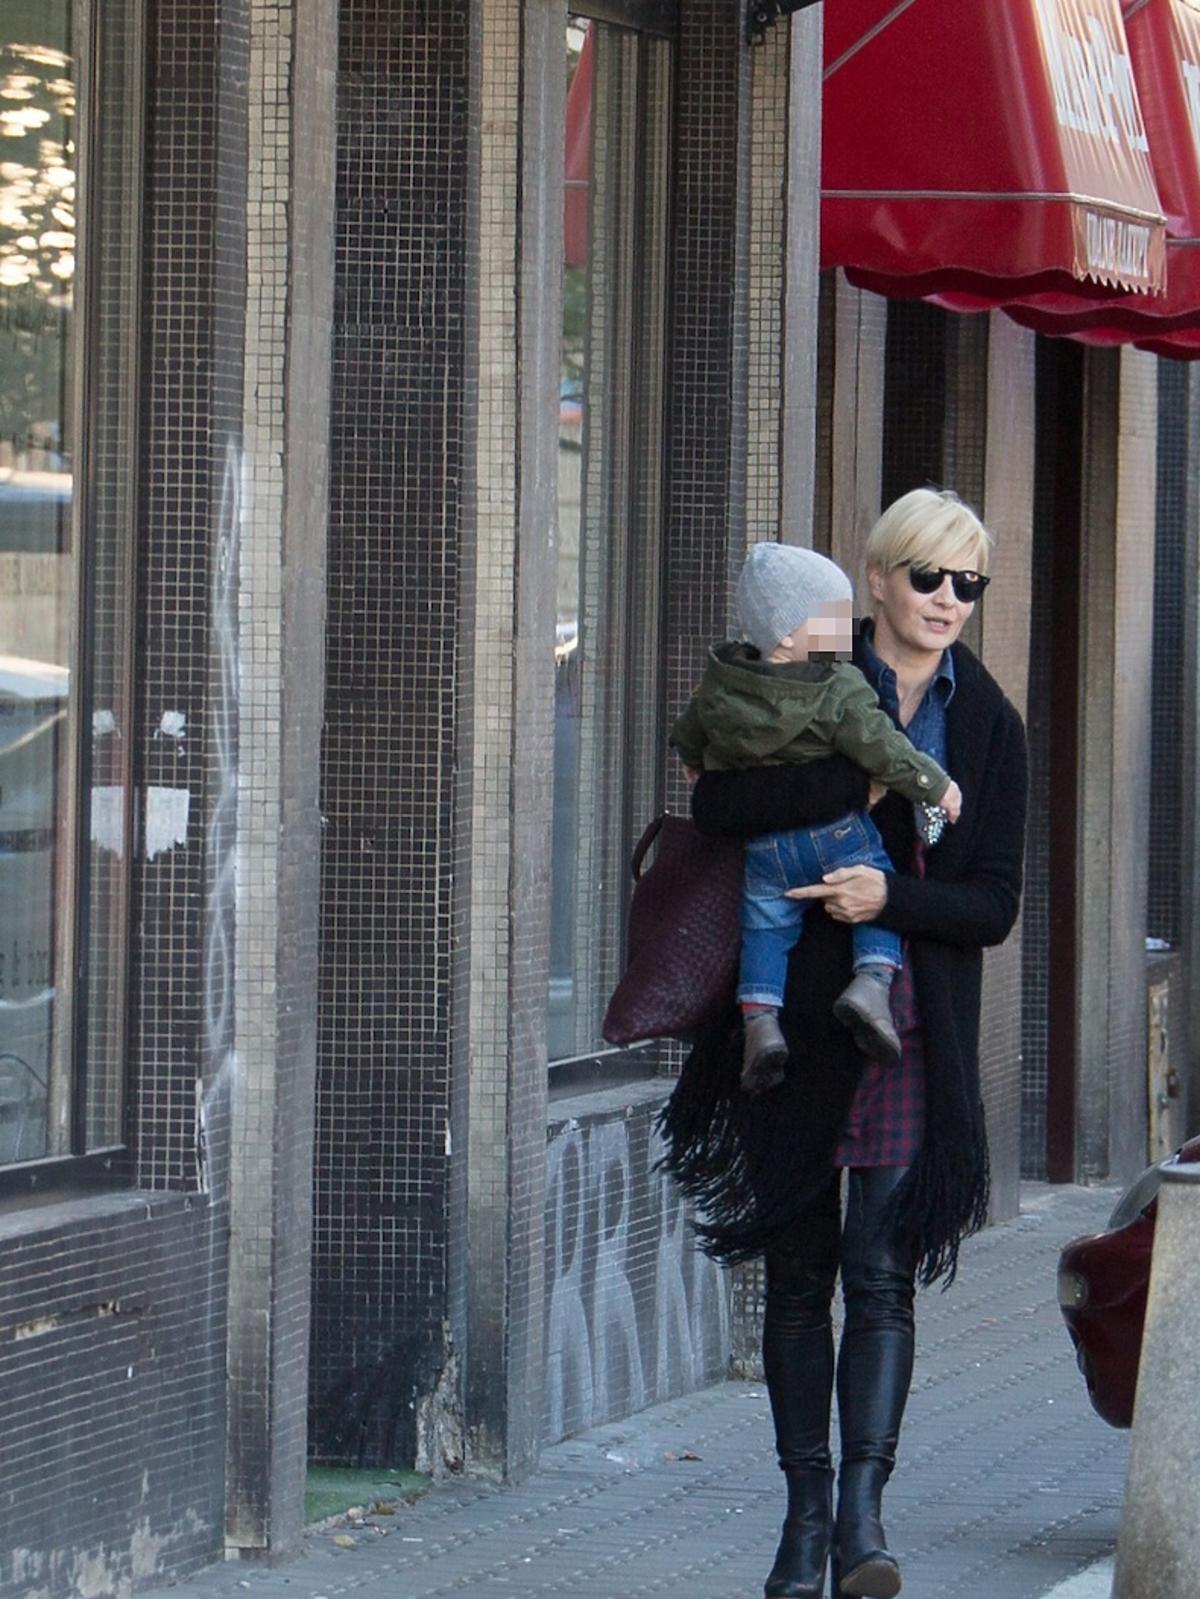 Małgorzata Kożuchowska w zielonej kurtce i czarnych spodniach na ulicy z synkiem na rękach